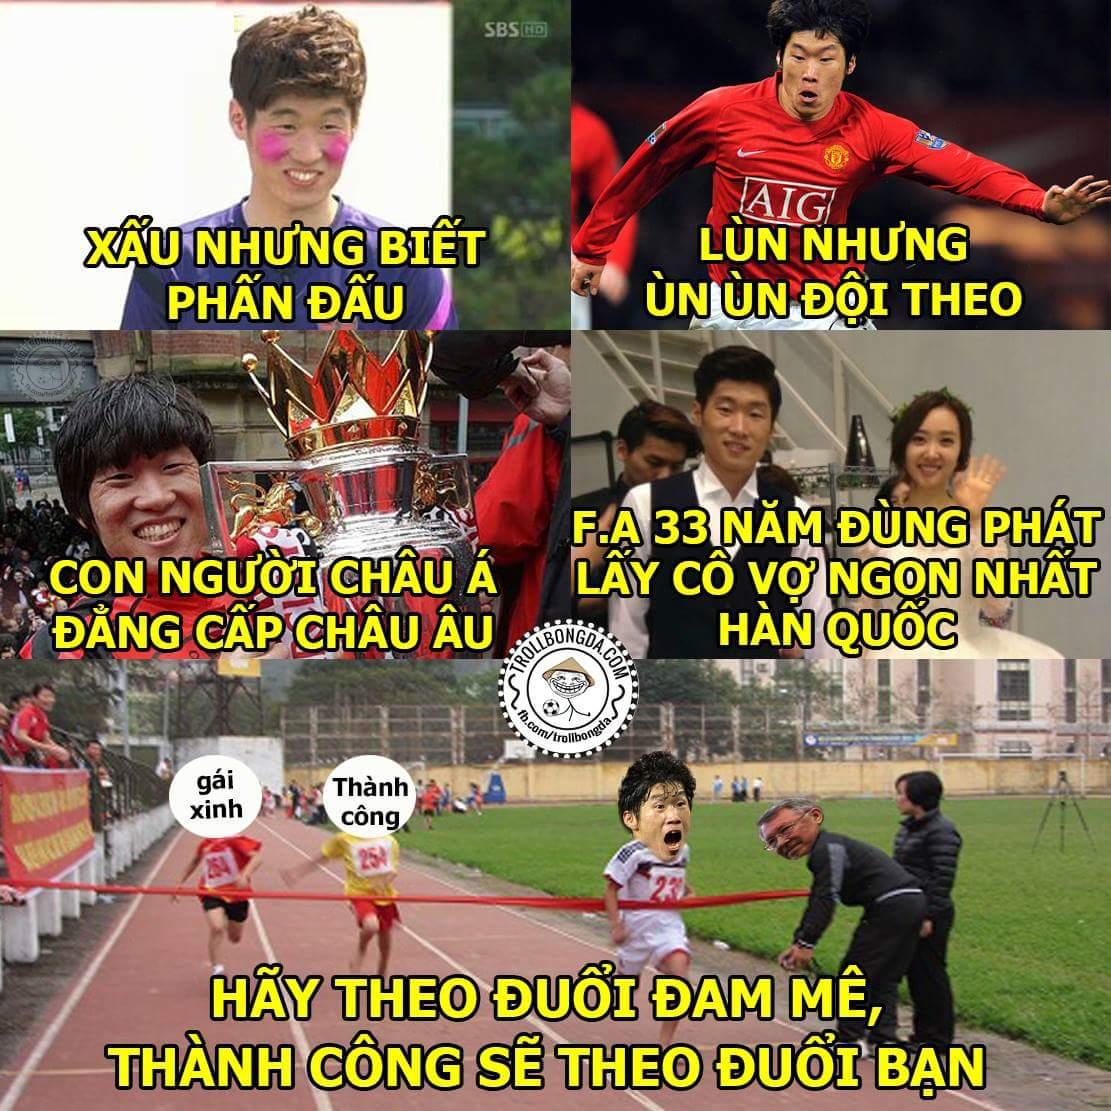 Chúc mừng sinh nhât anh Park Ji Sung, niềm tự hào của châu Á.